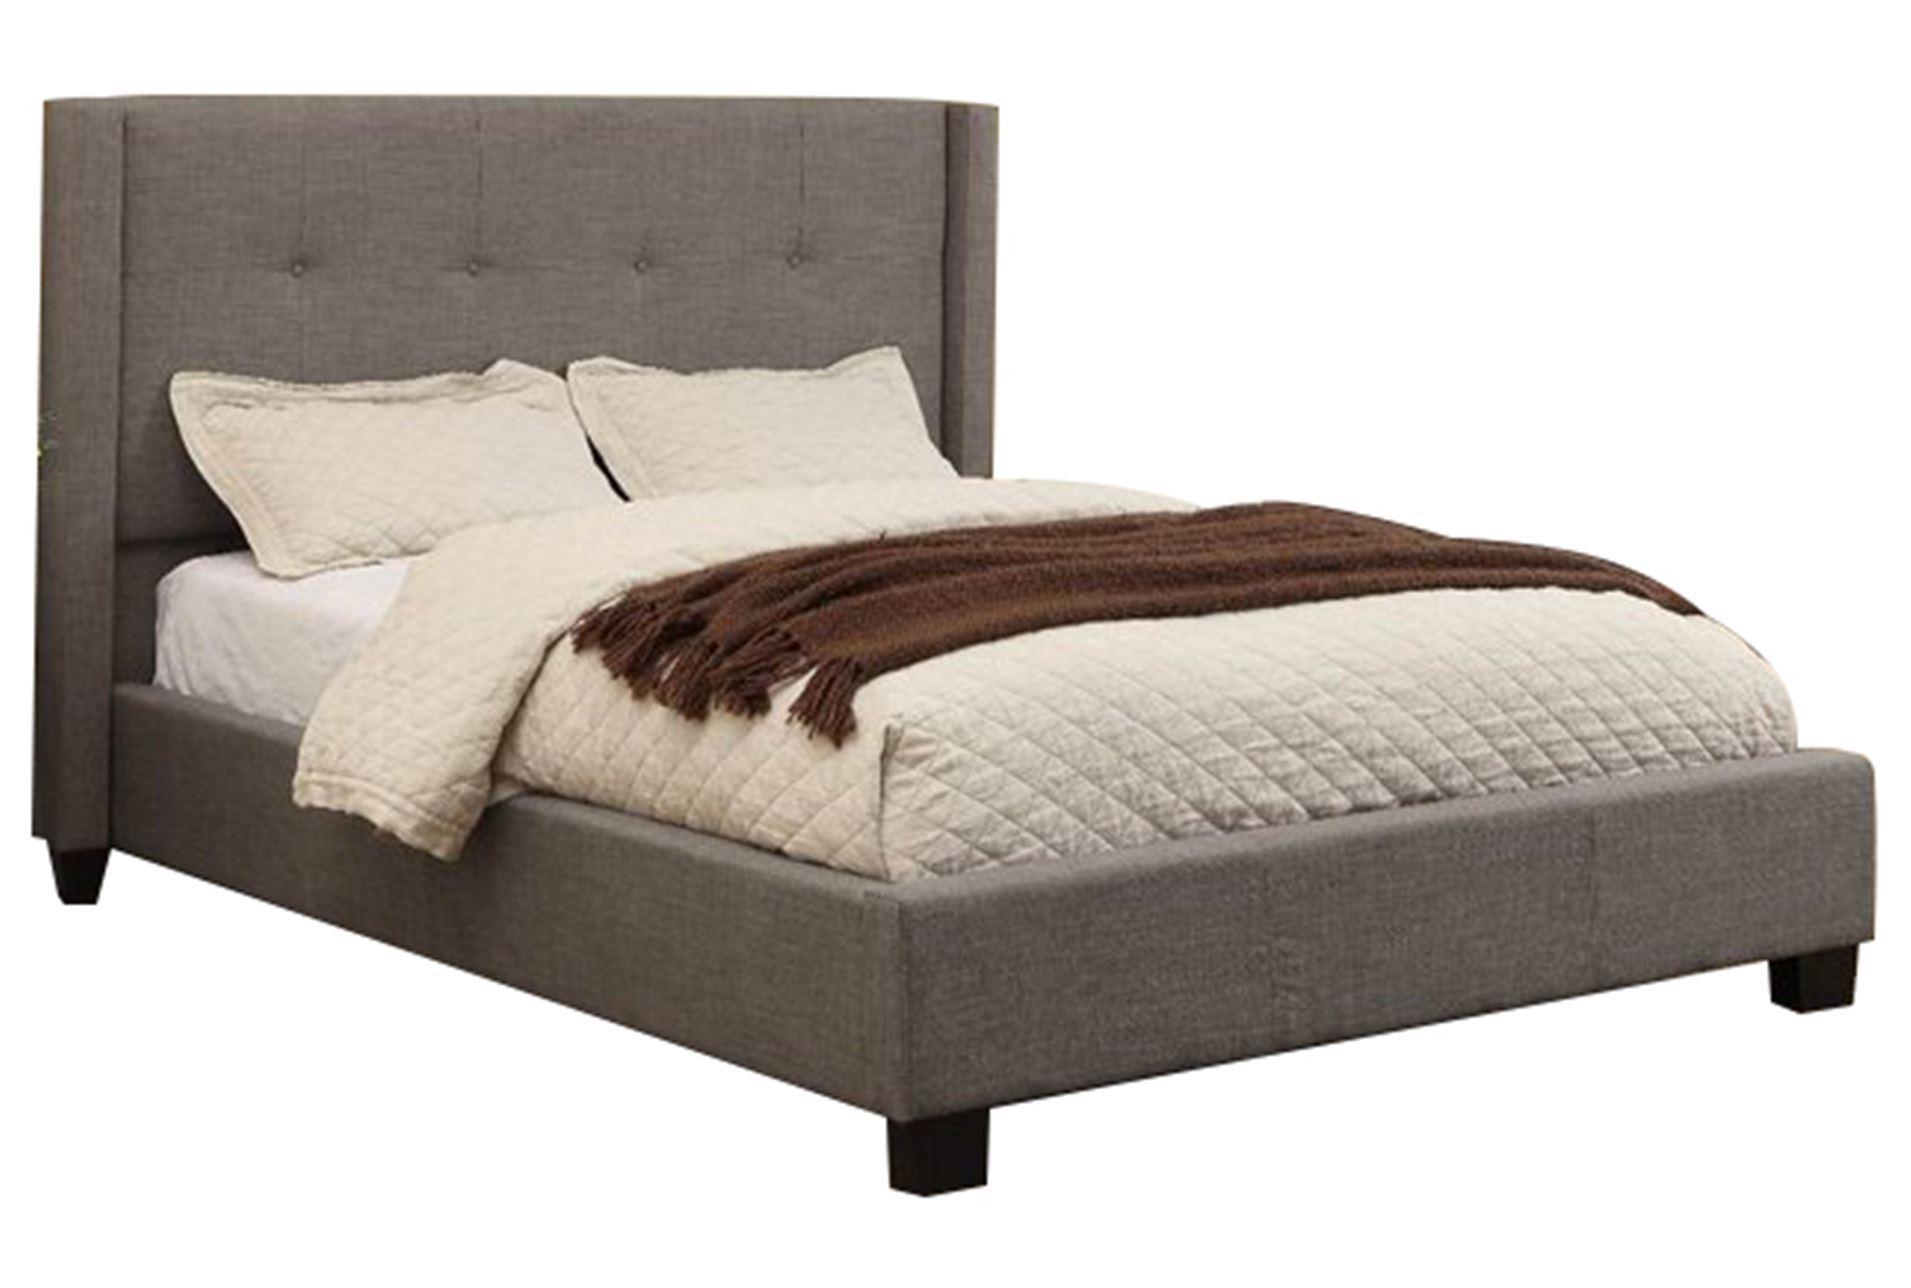 damon ii eastern king upholstered platform bed living spaces. Black Bedroom Furniture Sets. Home Design Ideas